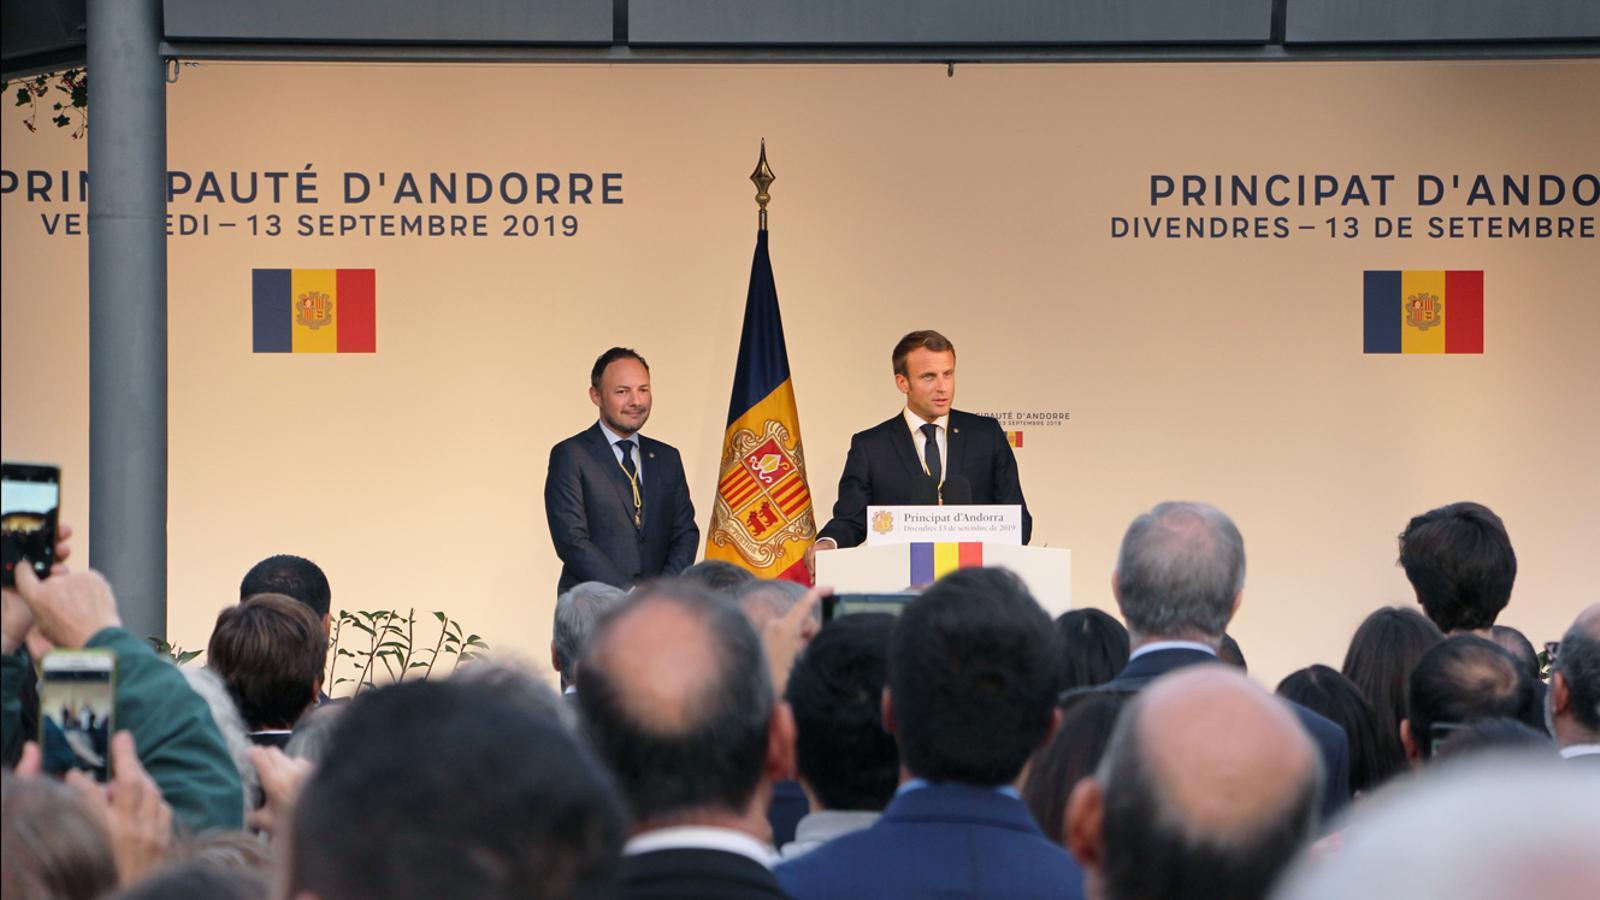 El copríncep francès Emmanuel Macron i el cap de Govern, Xavier Espot, durant el discurs celebrat a la plaça del Poble. / T. N. (ANA)